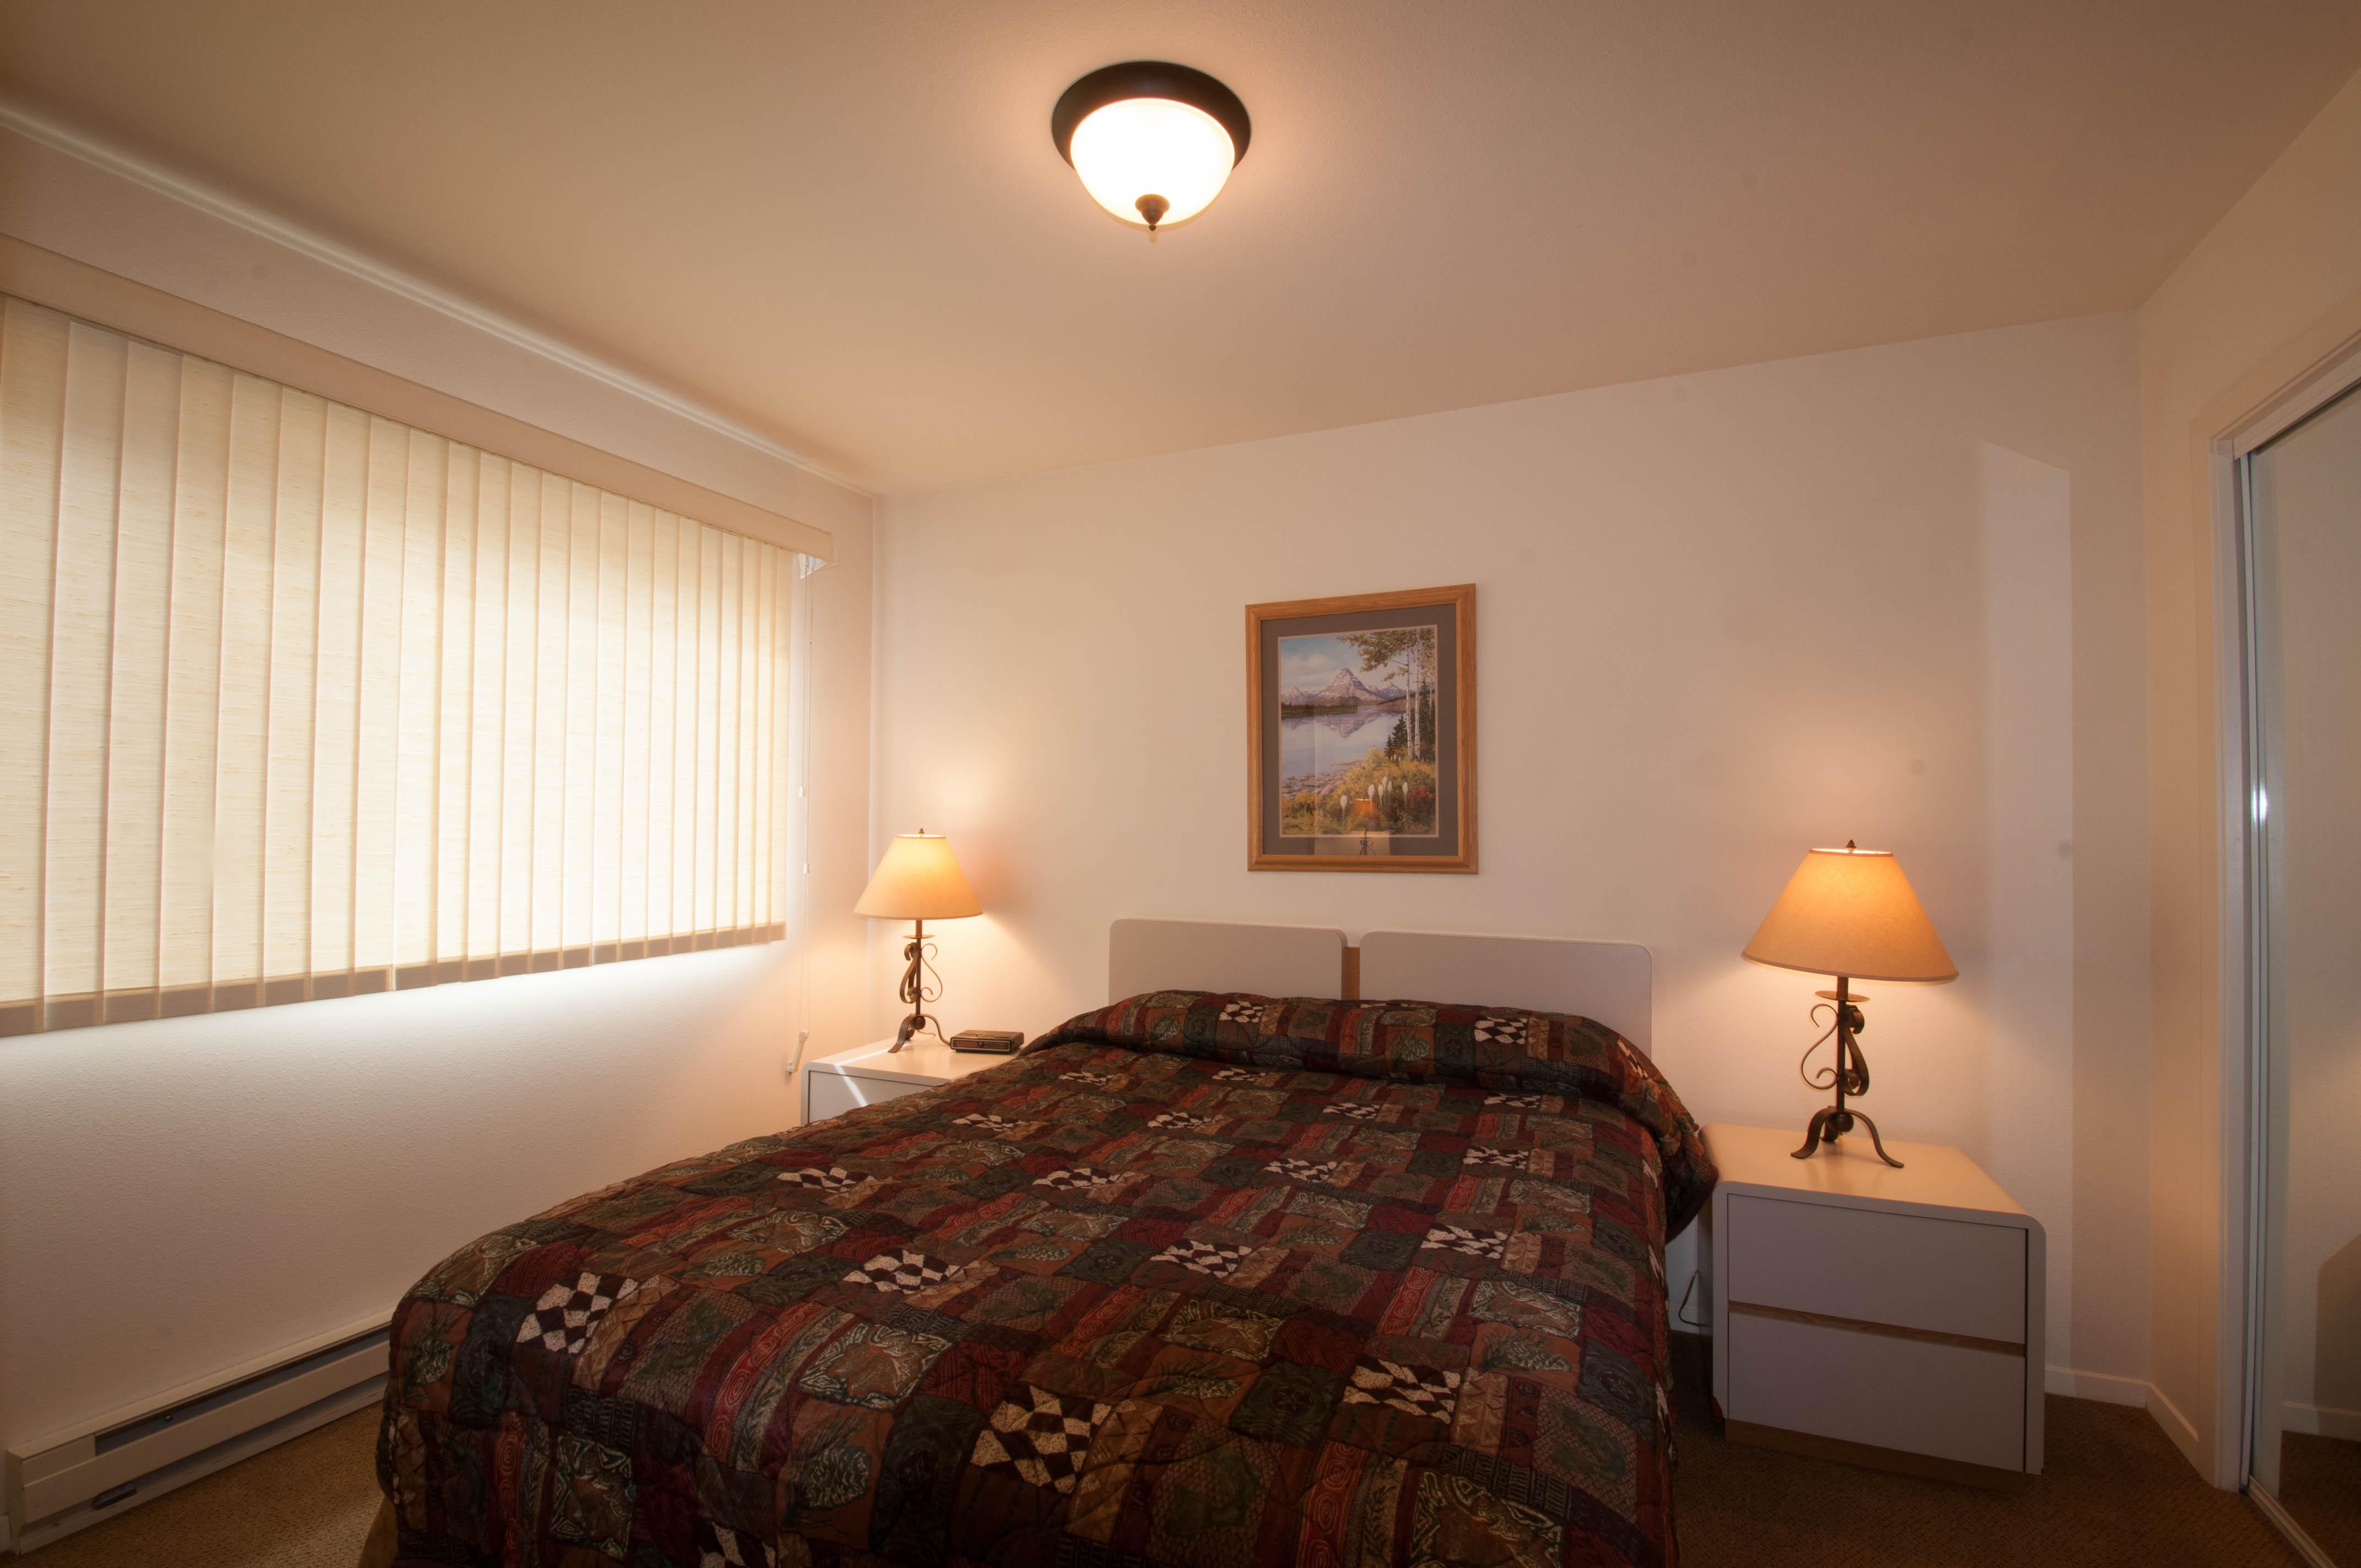 Condo Two Bedroom Loft Guest Bedroom